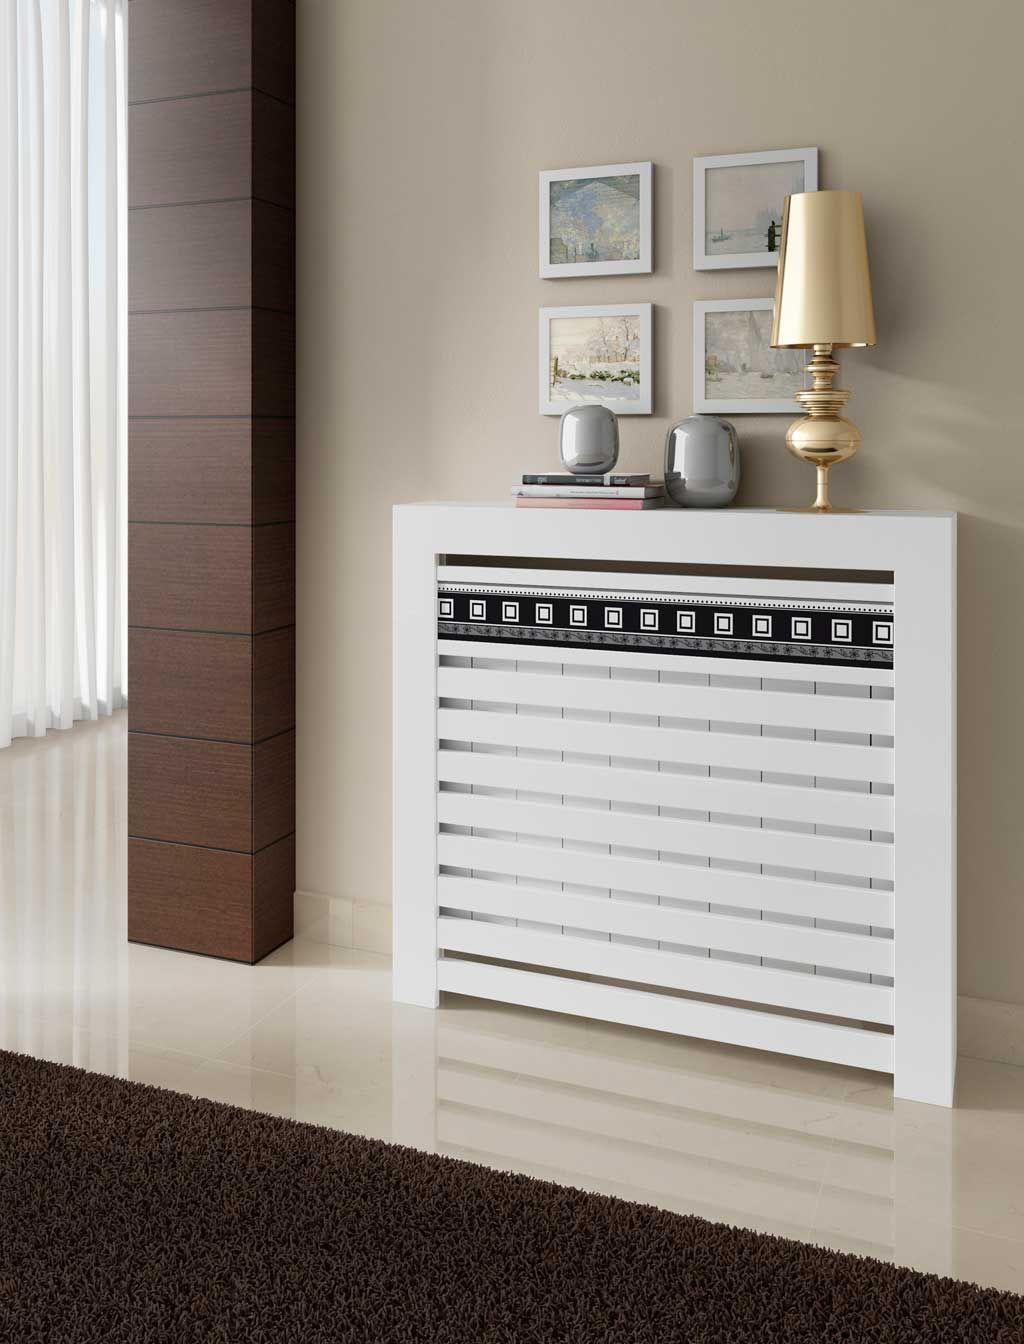 Entrega gratis cubreradiadores cl sicos en emoble tapa - Muebles para cubrir radiadores ...